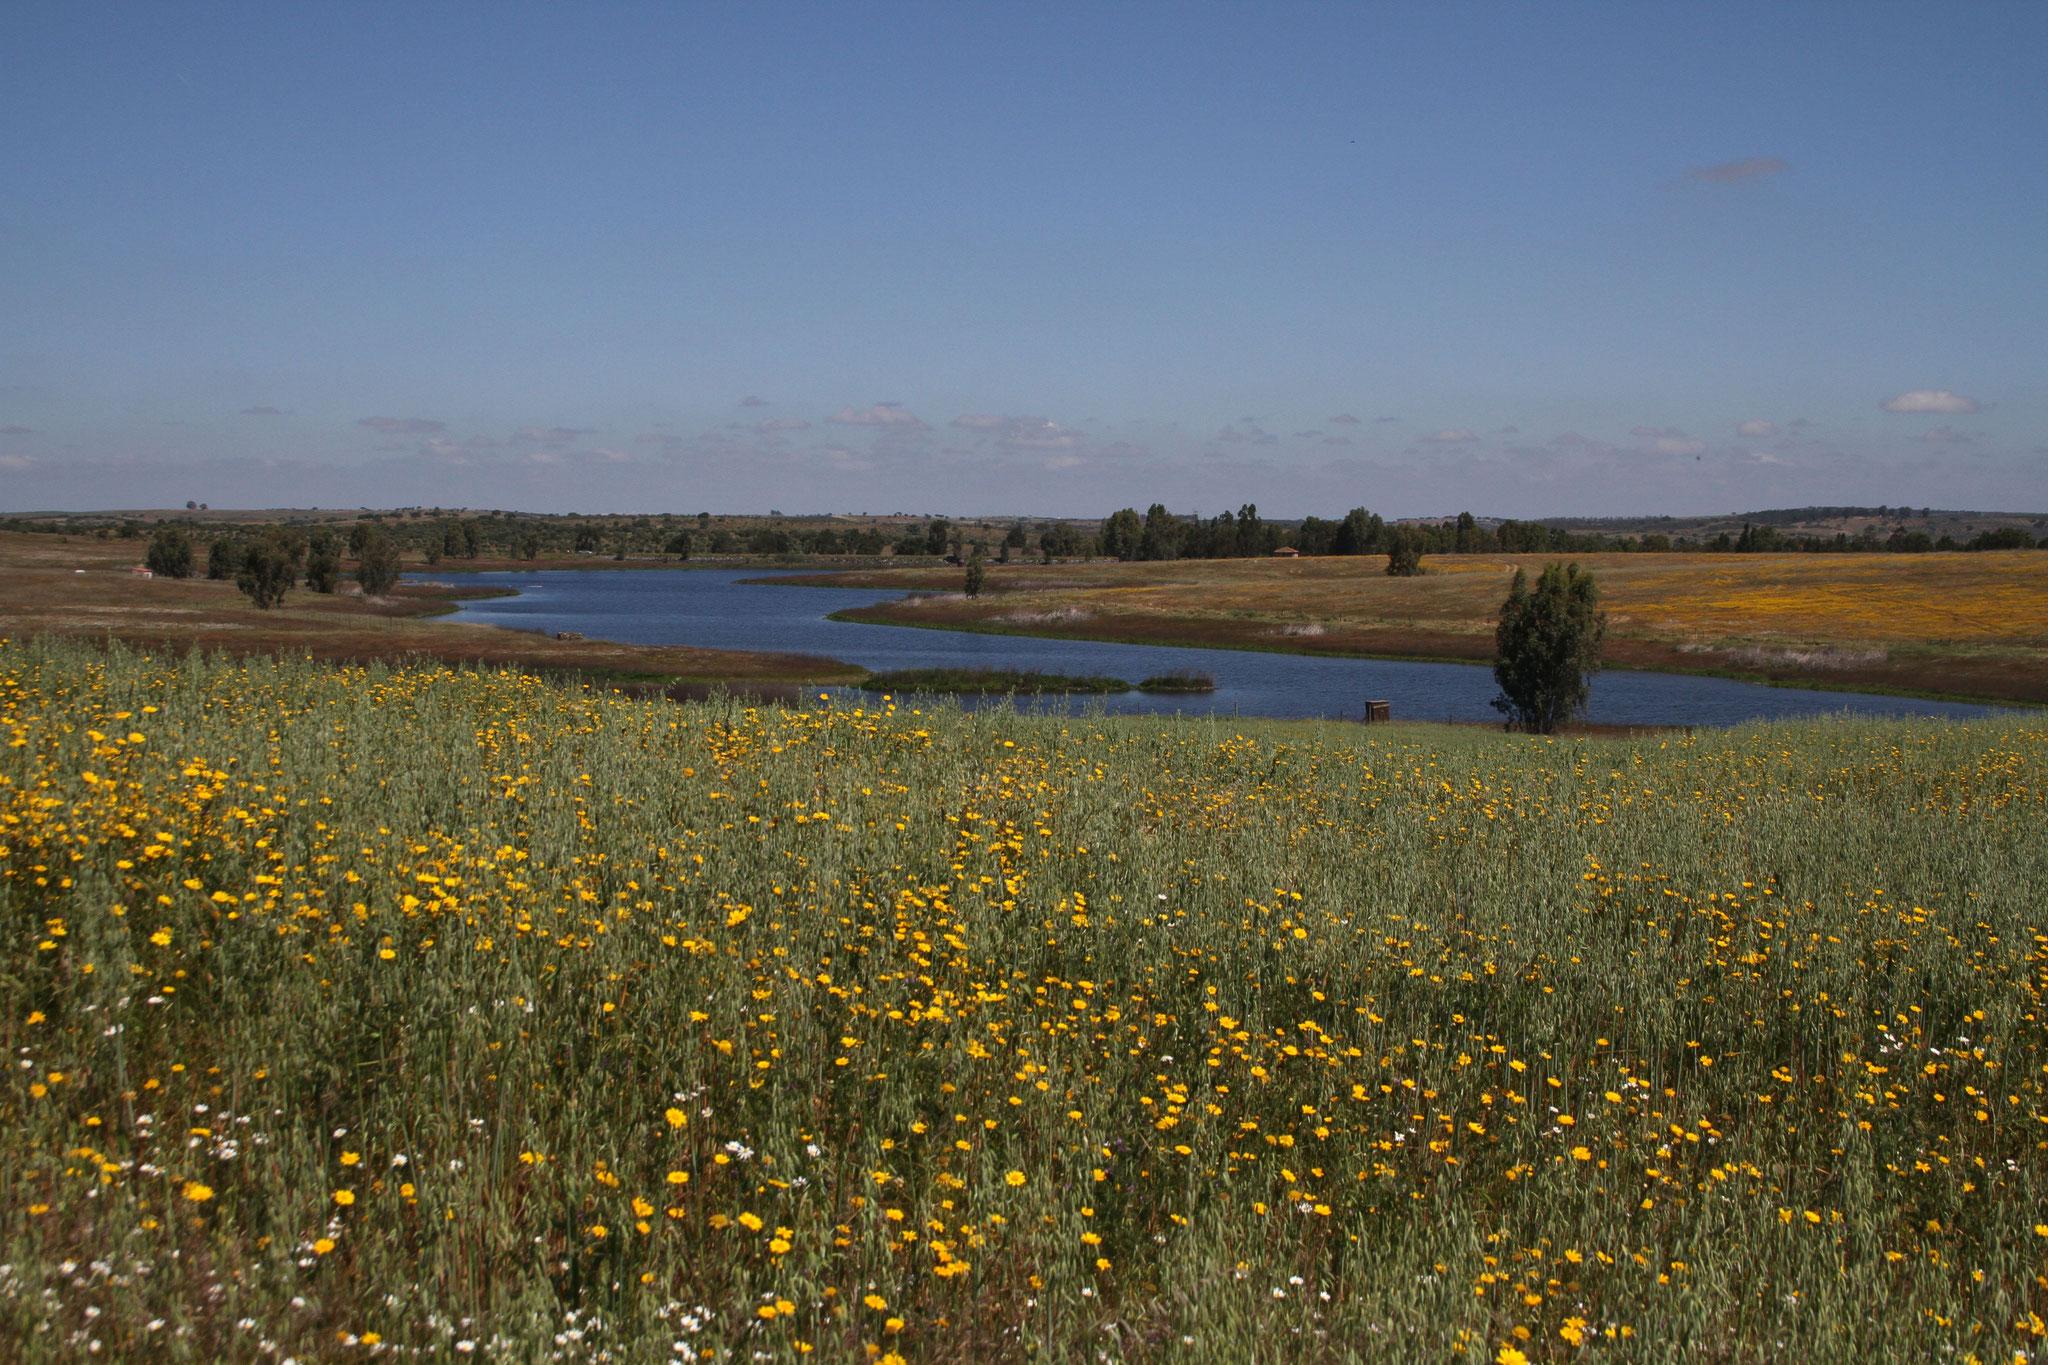 Ein kleiner See mit einer stattlichen Artenvielt an Wasservögeln gehört auch dazu, darunter Löffler, Rosaflamingos und viele Enten- und Limikolenarten